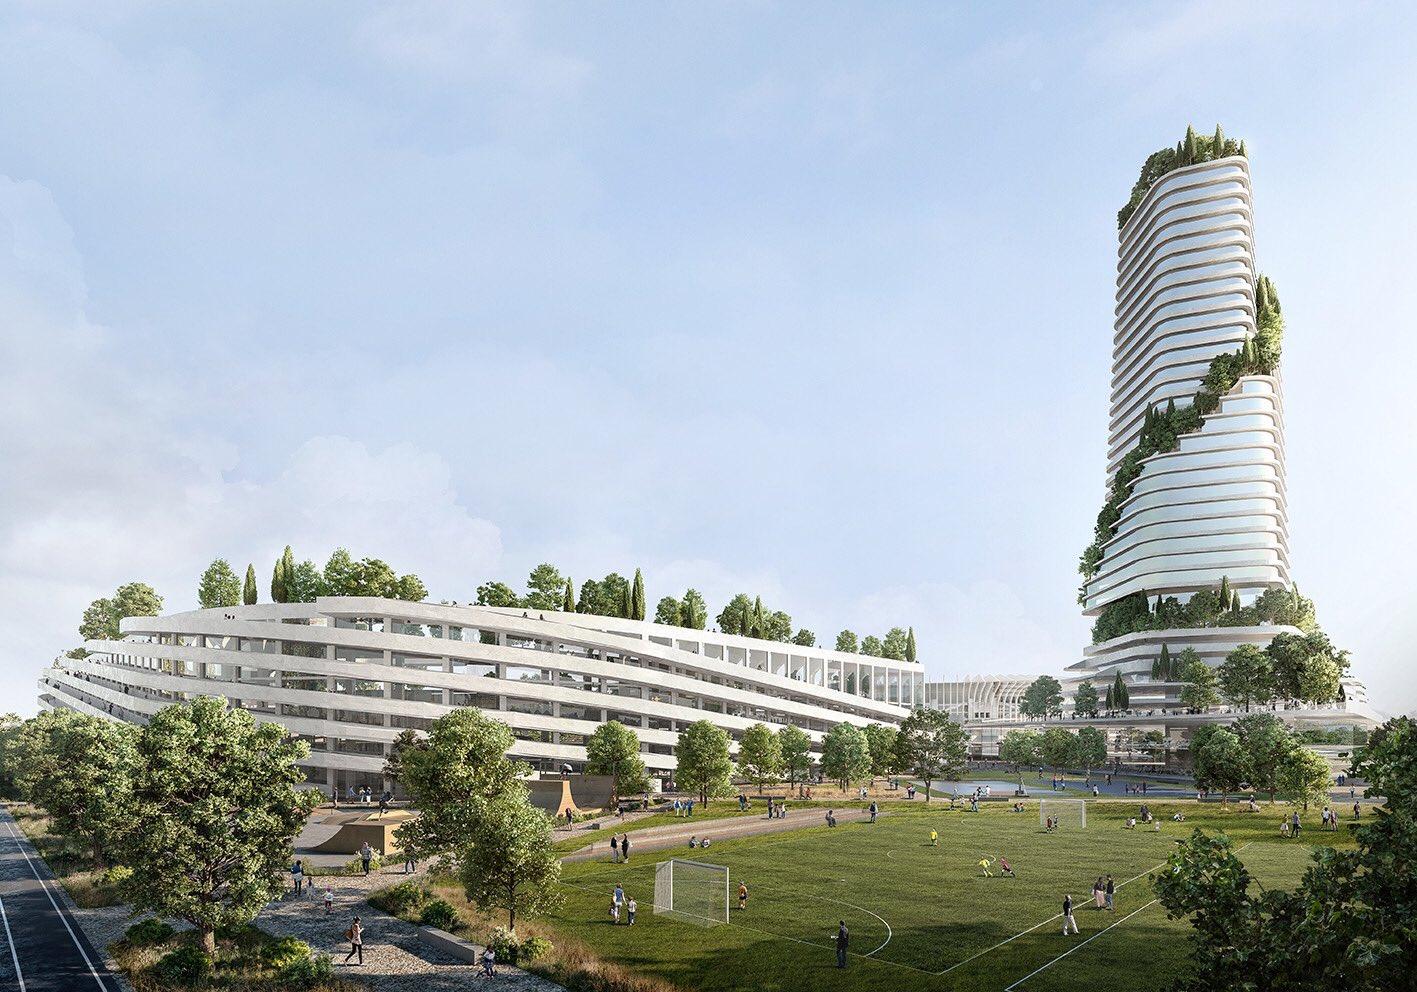 Oficjalnie Legendarny Stadion Milanu I Interu Zostanie